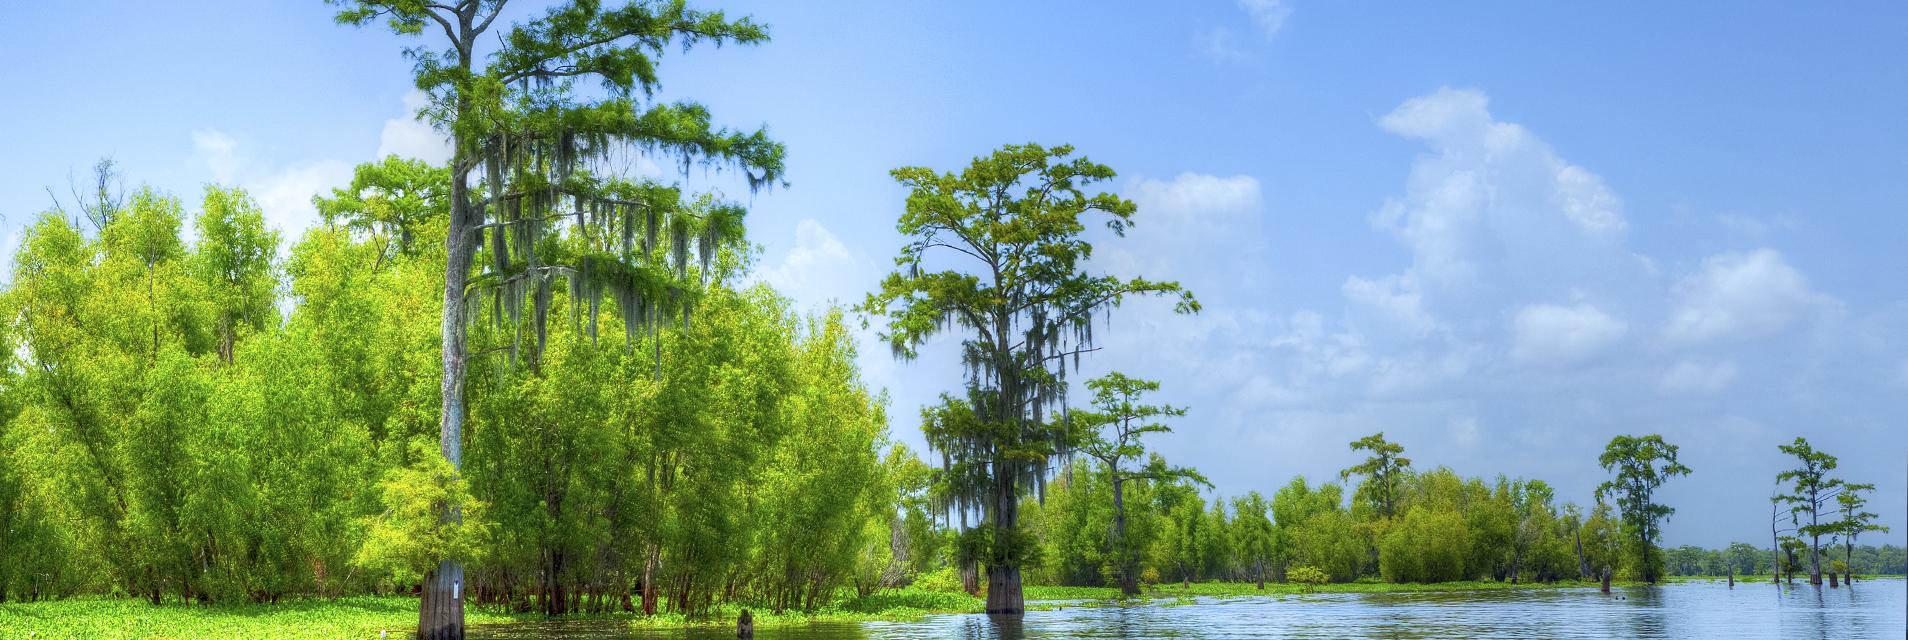 Lsu School Of Renewable Natural Resources